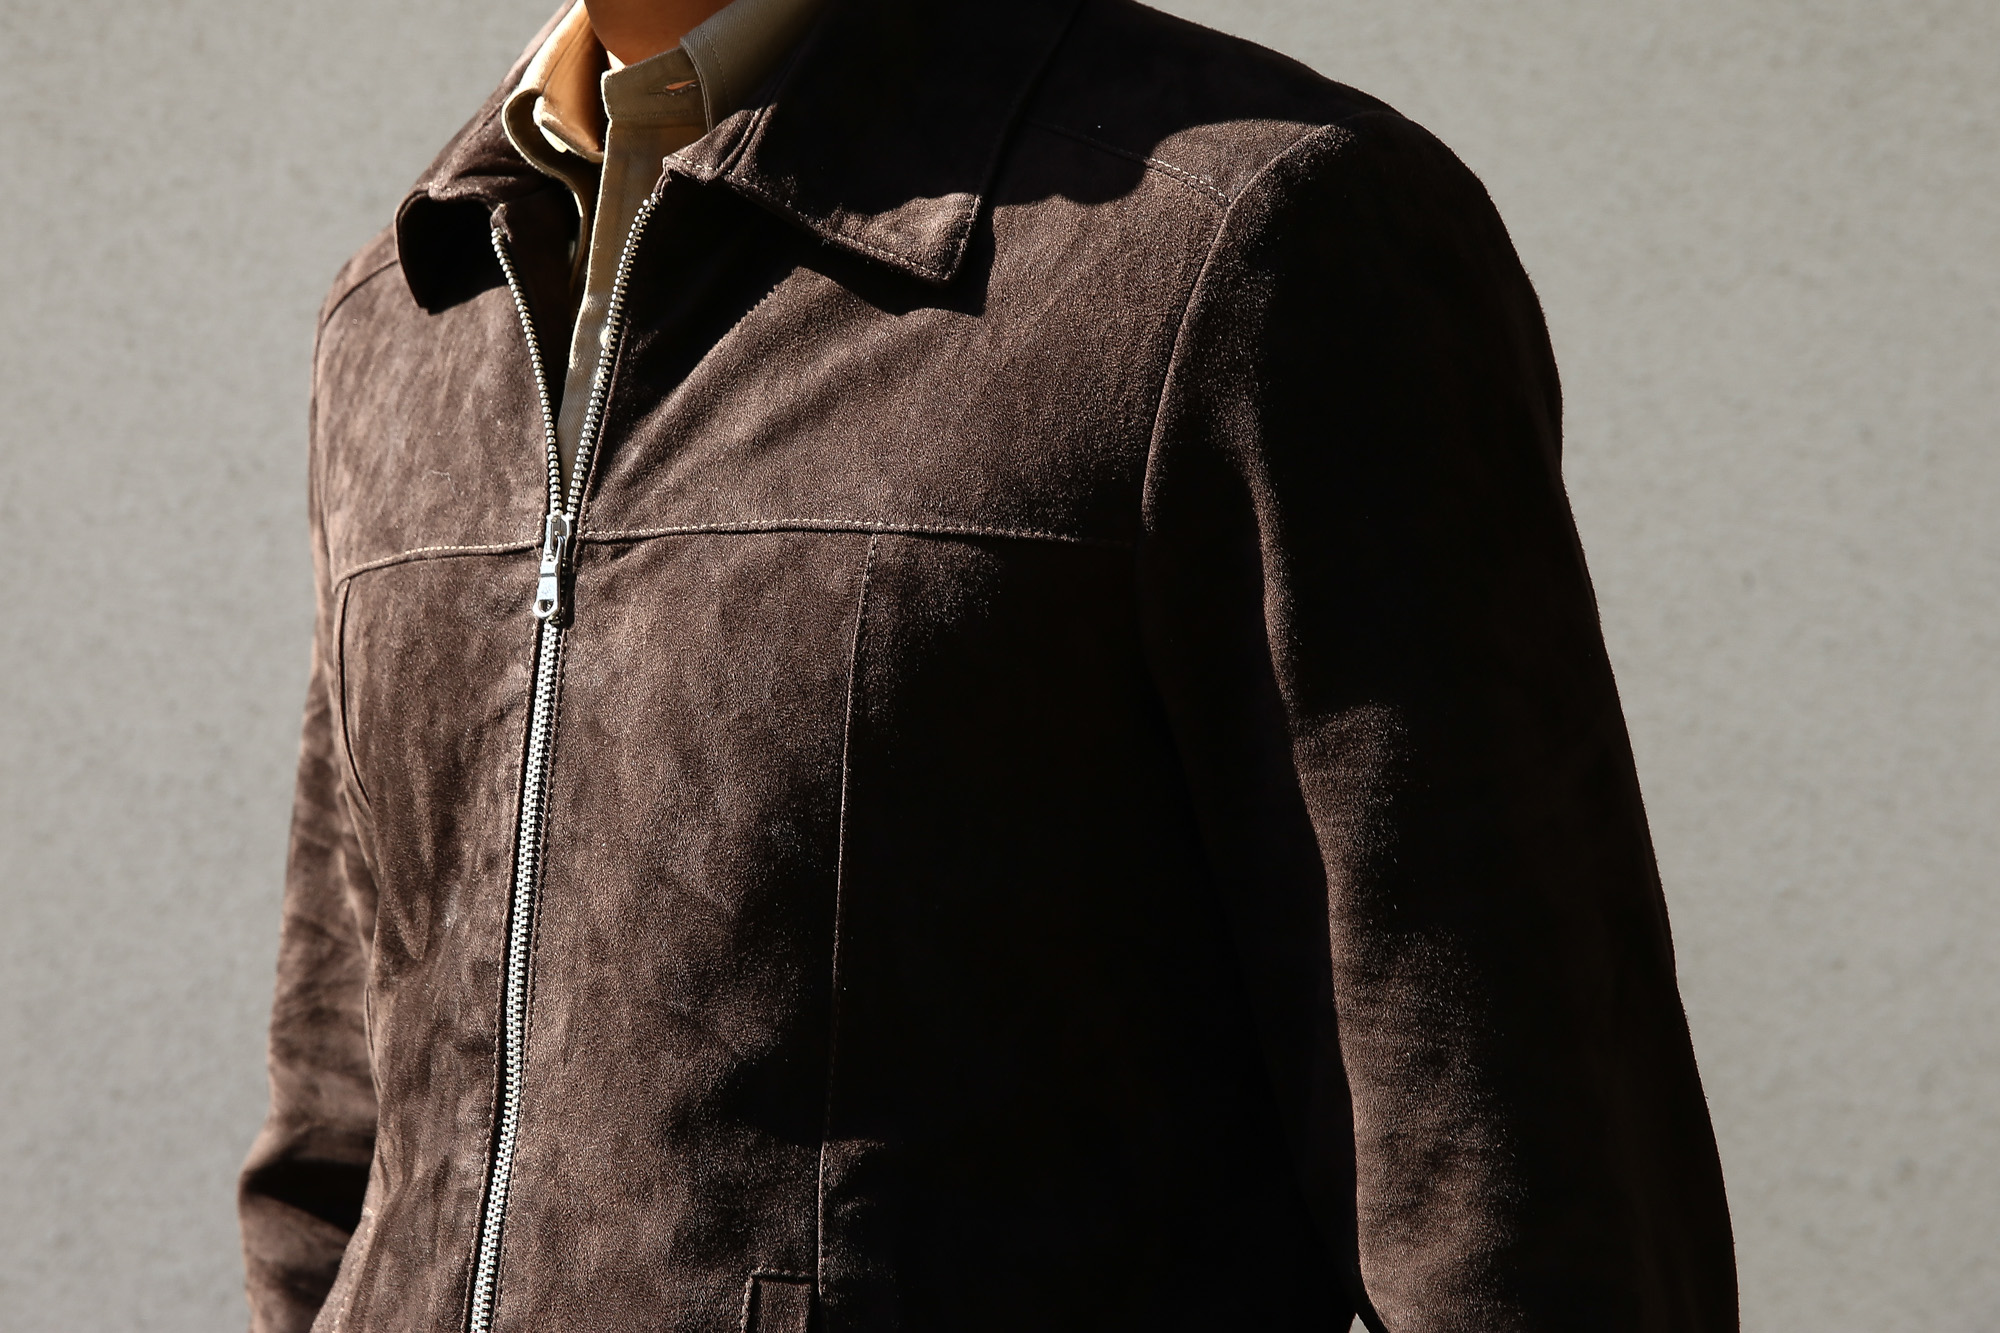 Radice (ラディーチェ) 1008 Suede Leather Jacket Suede Lamb Nappa スエードラムナッパ SLIM FIT スリムフィット シングルレザージャケット MORO (モーロ)  MADE IN ITALY(イタリア製)  2016 秋冬新作 愛知 名古屋ZODIAC ゾディアック レザージャケット ラディーチェ スエードレザー